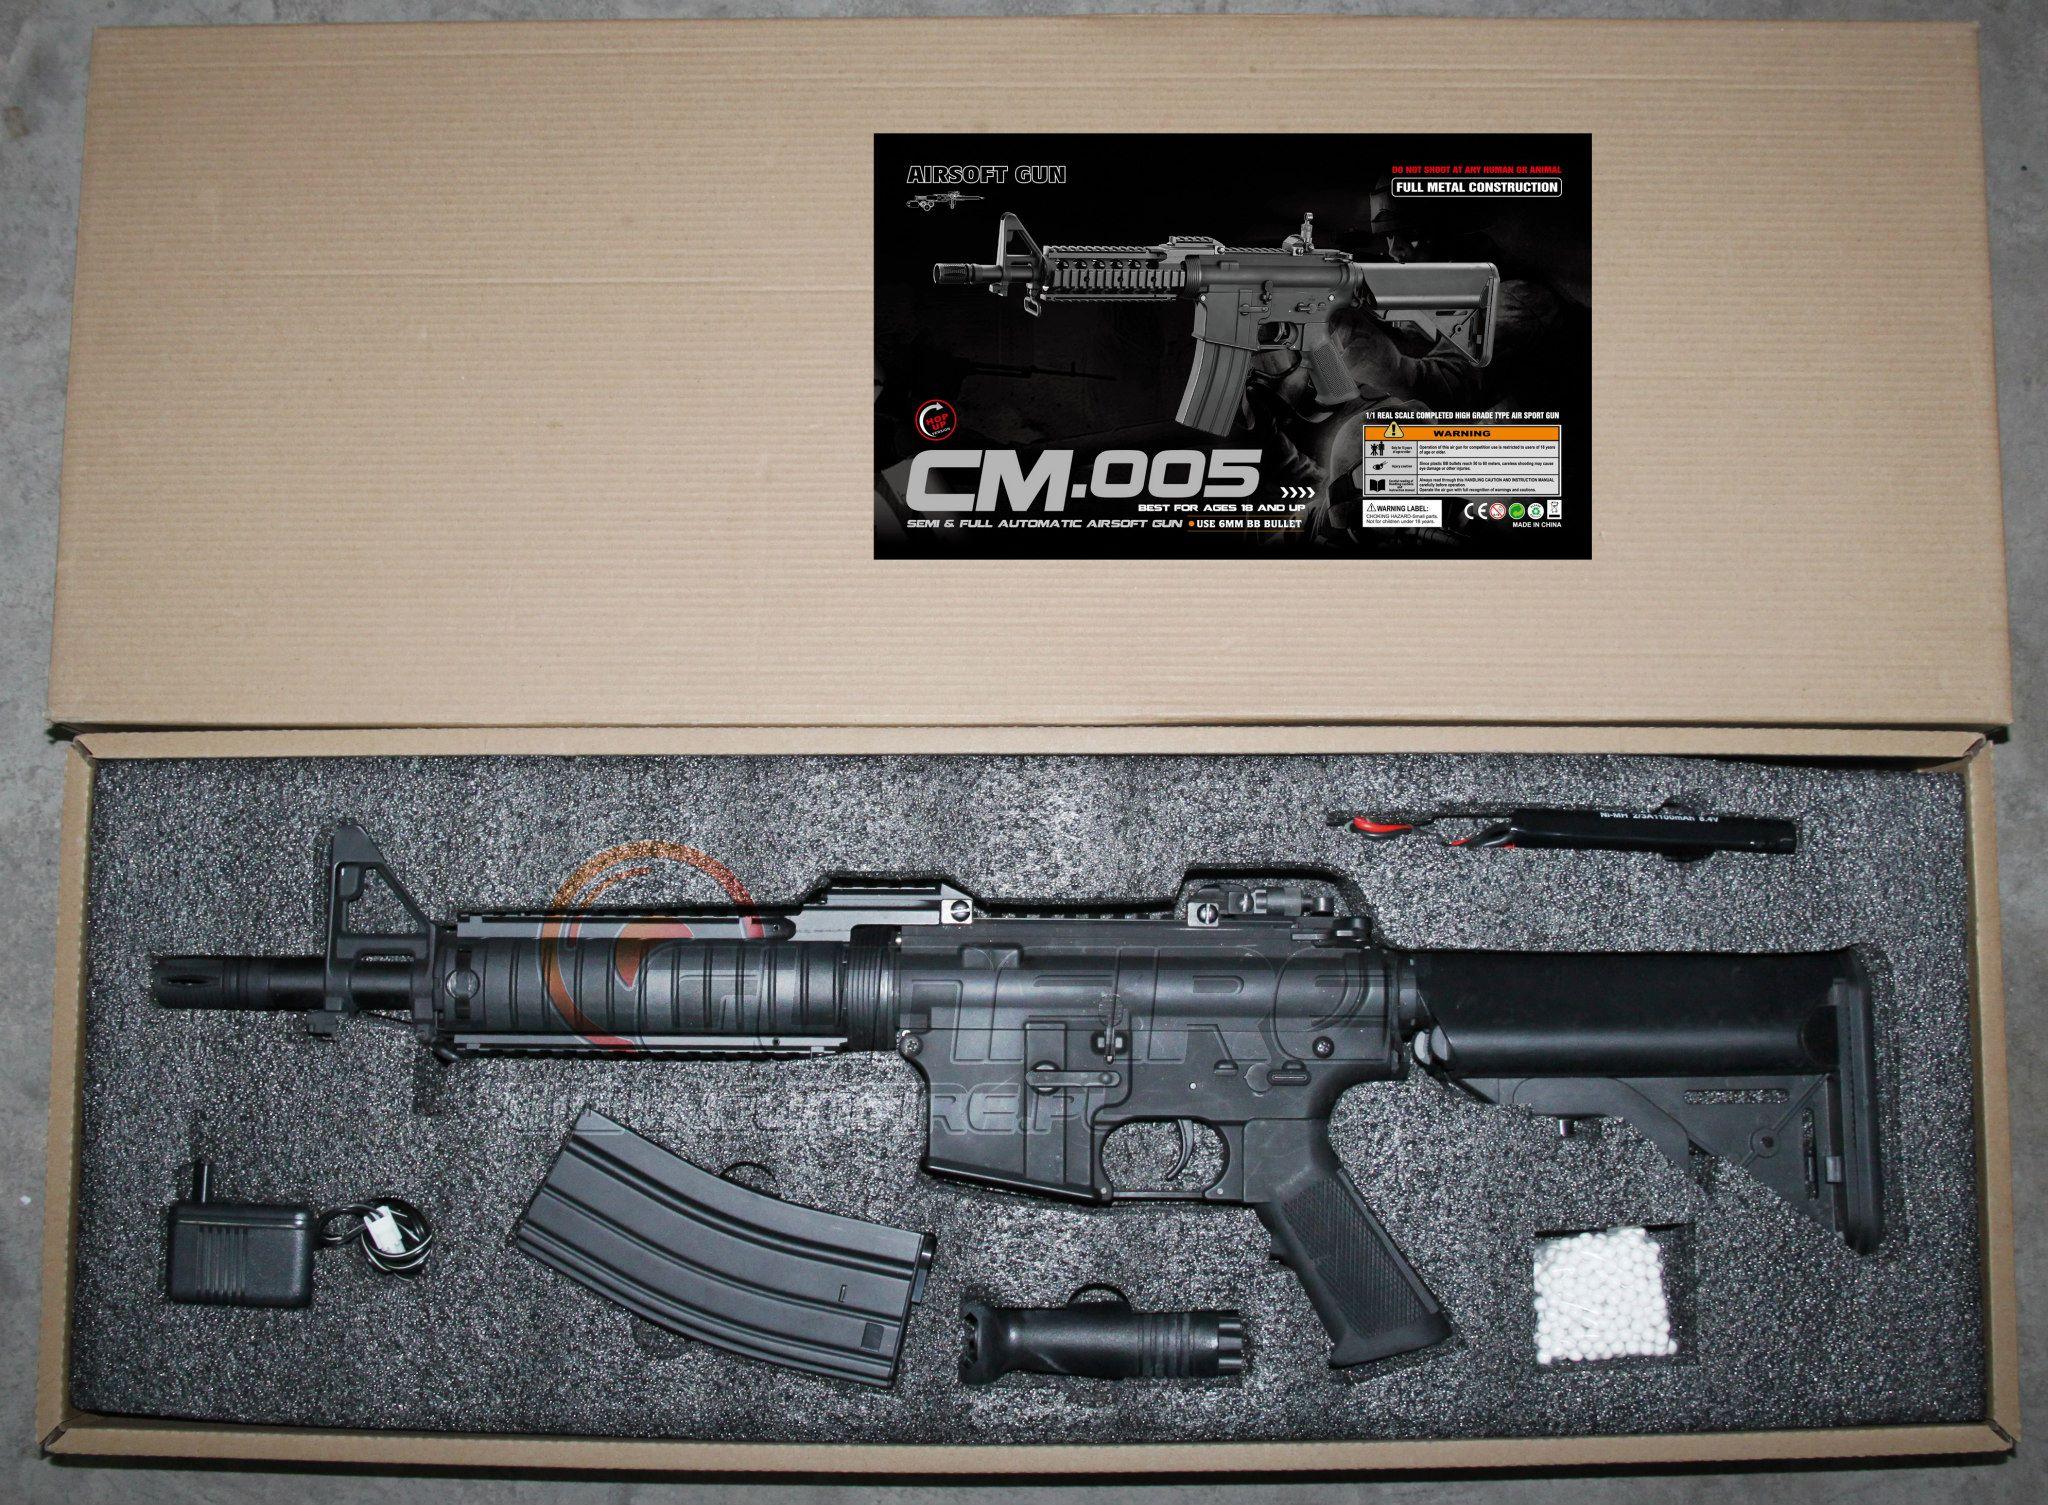 Cyma anuncia que fabricará M4 - M16 CM-005